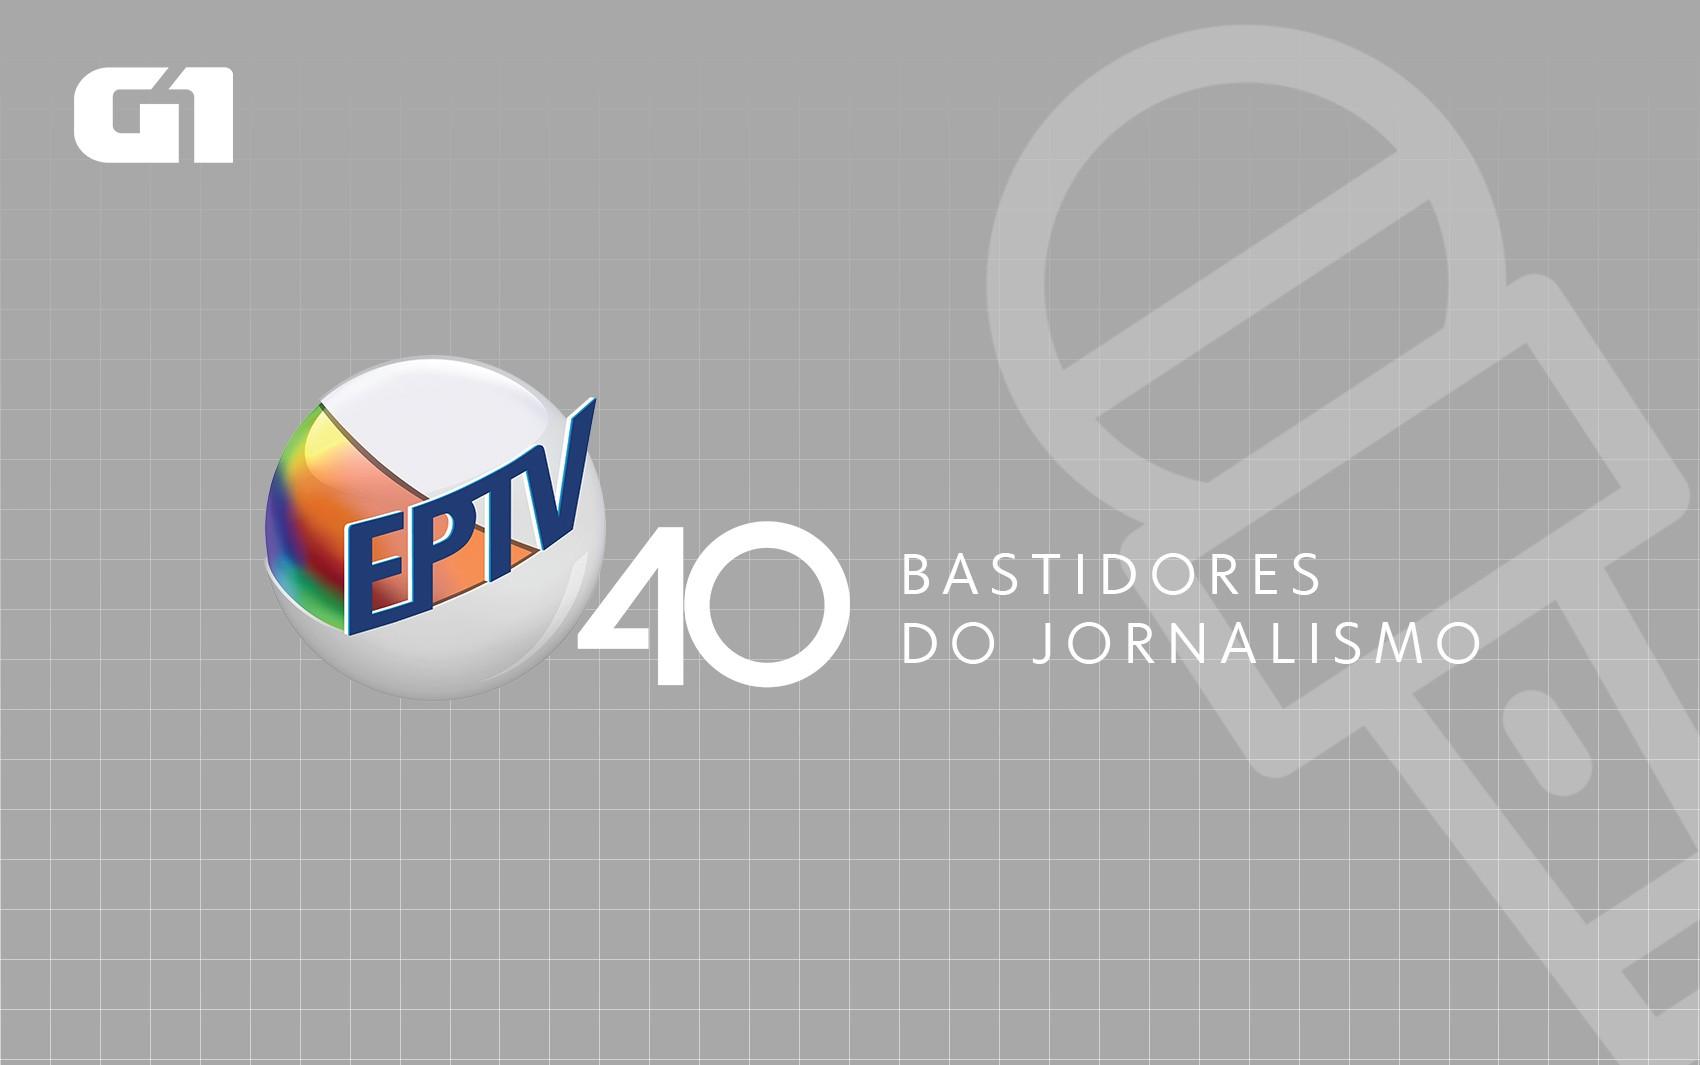 EPTV 40 anos #03: Levante de Guariba, um marco na história do trabalho rural no Brasil - Notícias - Plantão Diário